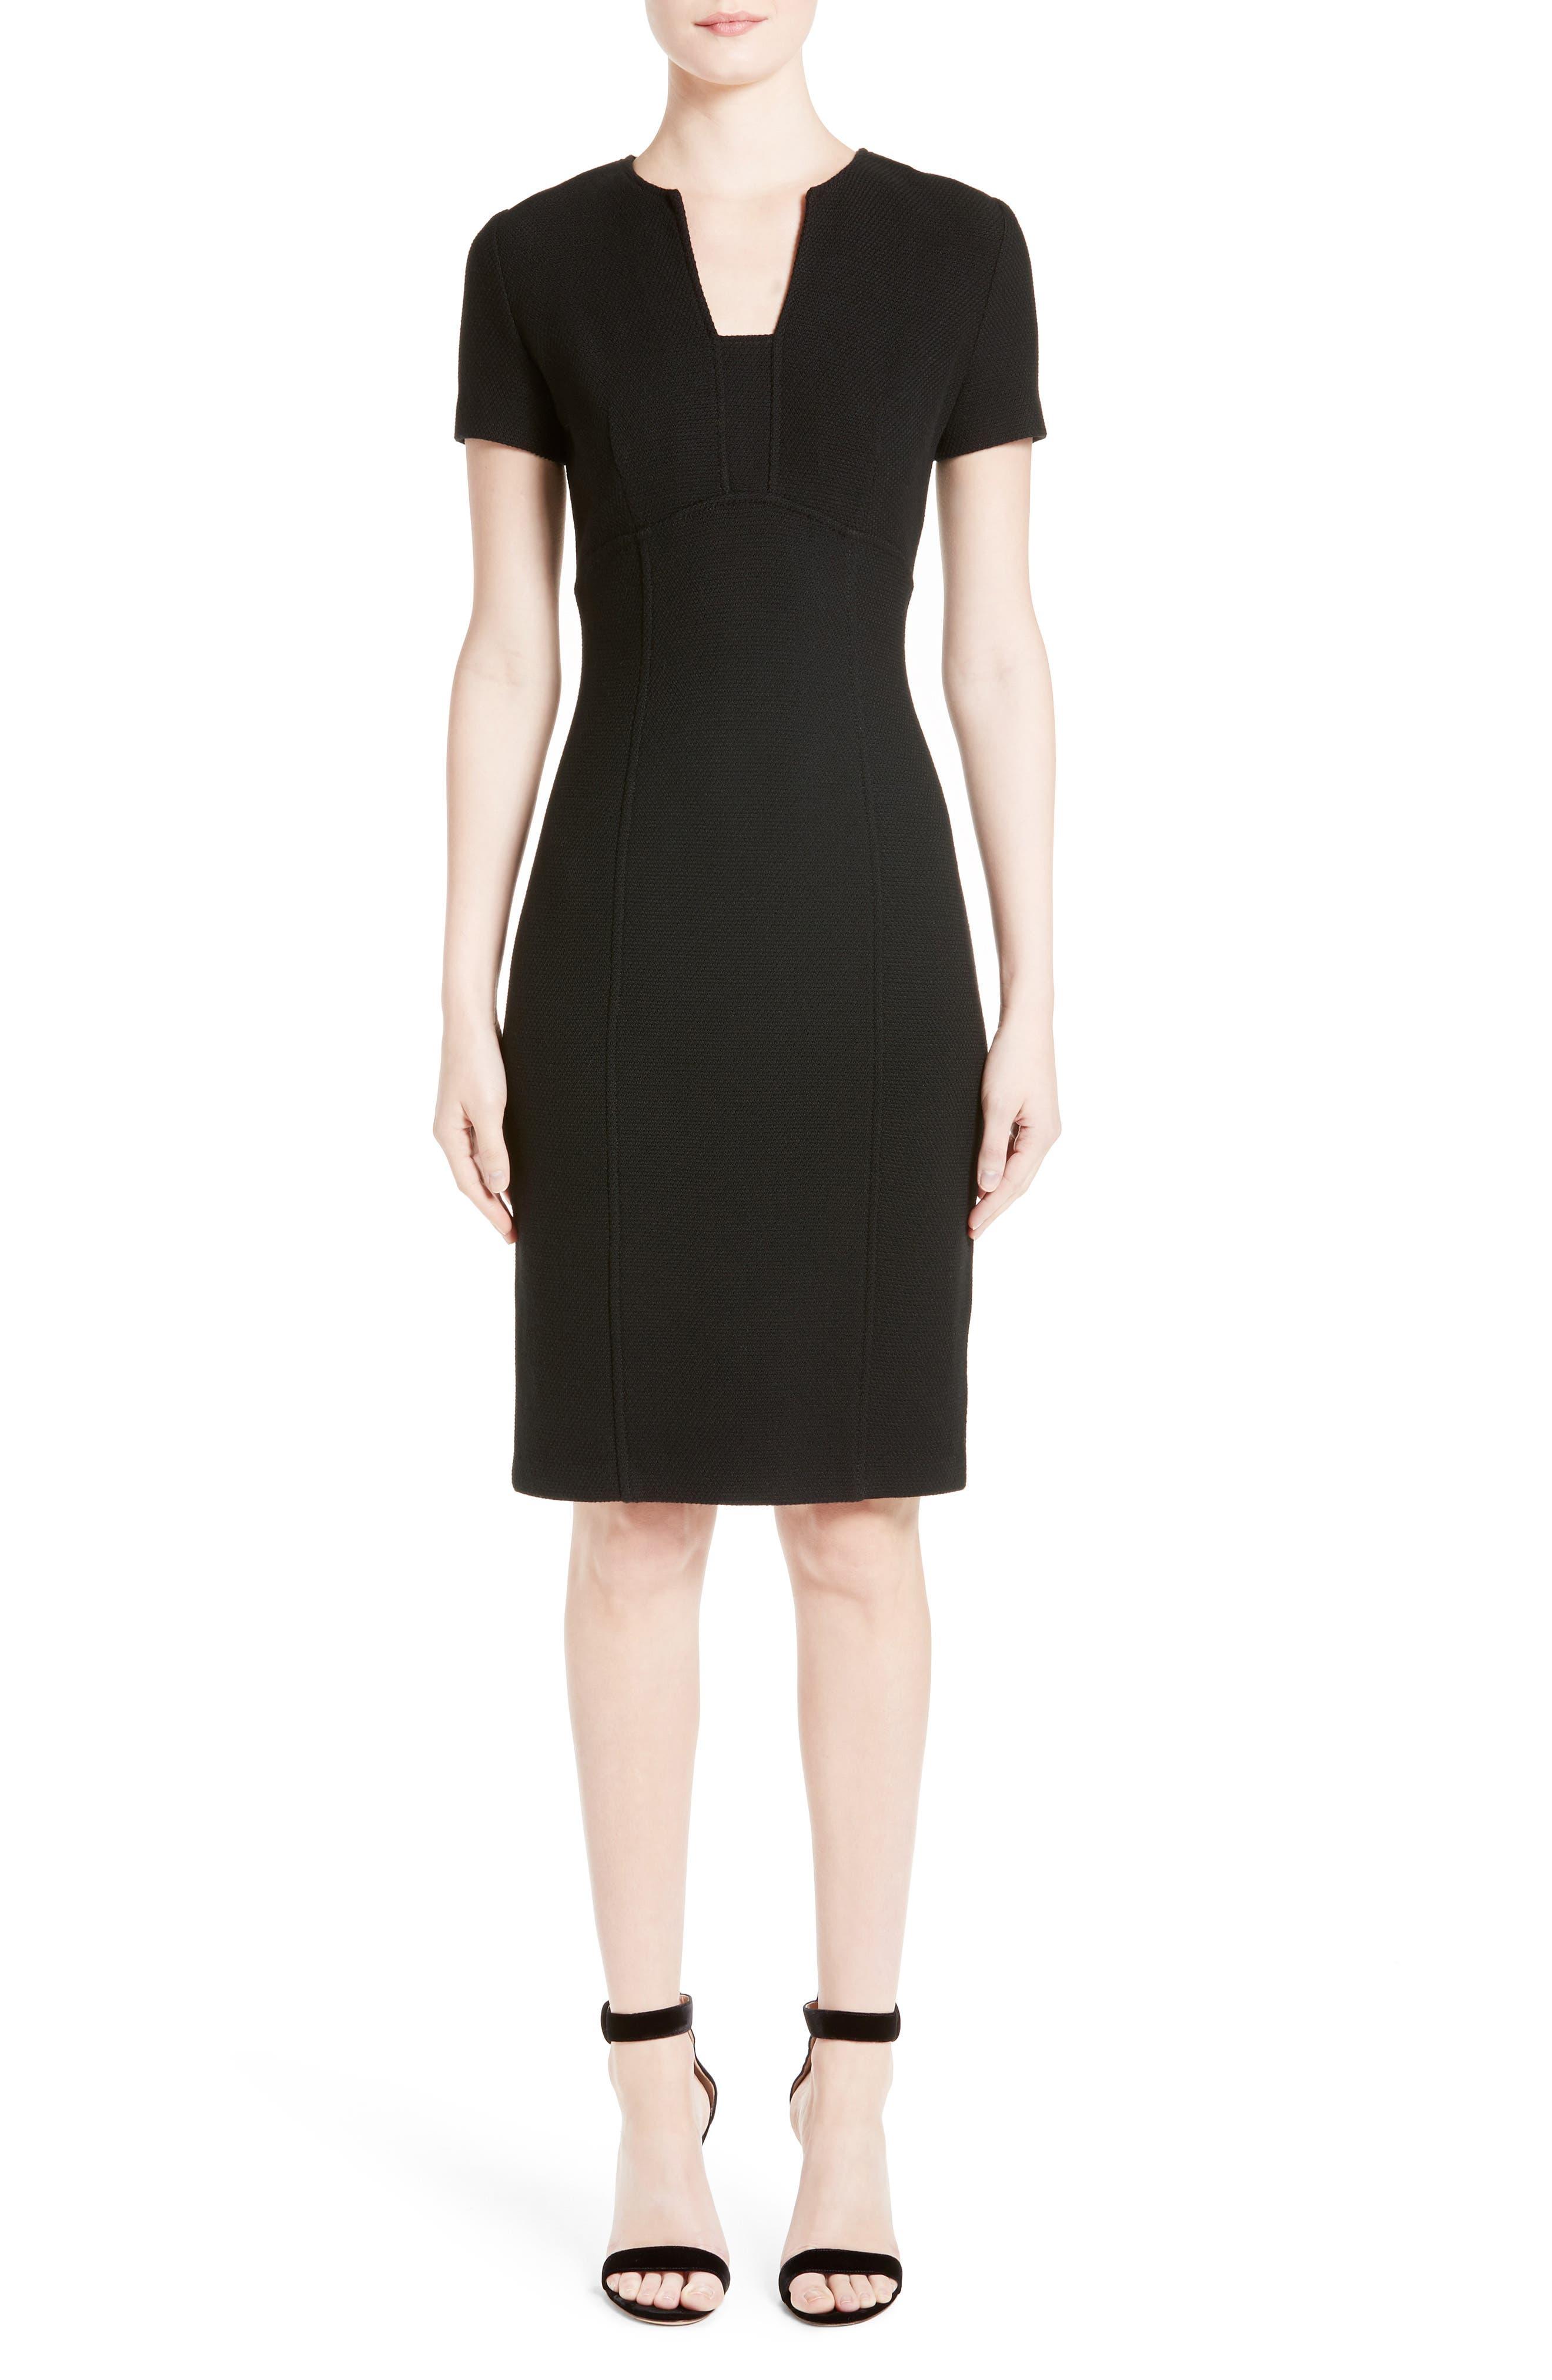 ST. JOHN COLLECTION, Micro Bouclé Knit Dress, Main thumbnail 1, color, CAVIAR